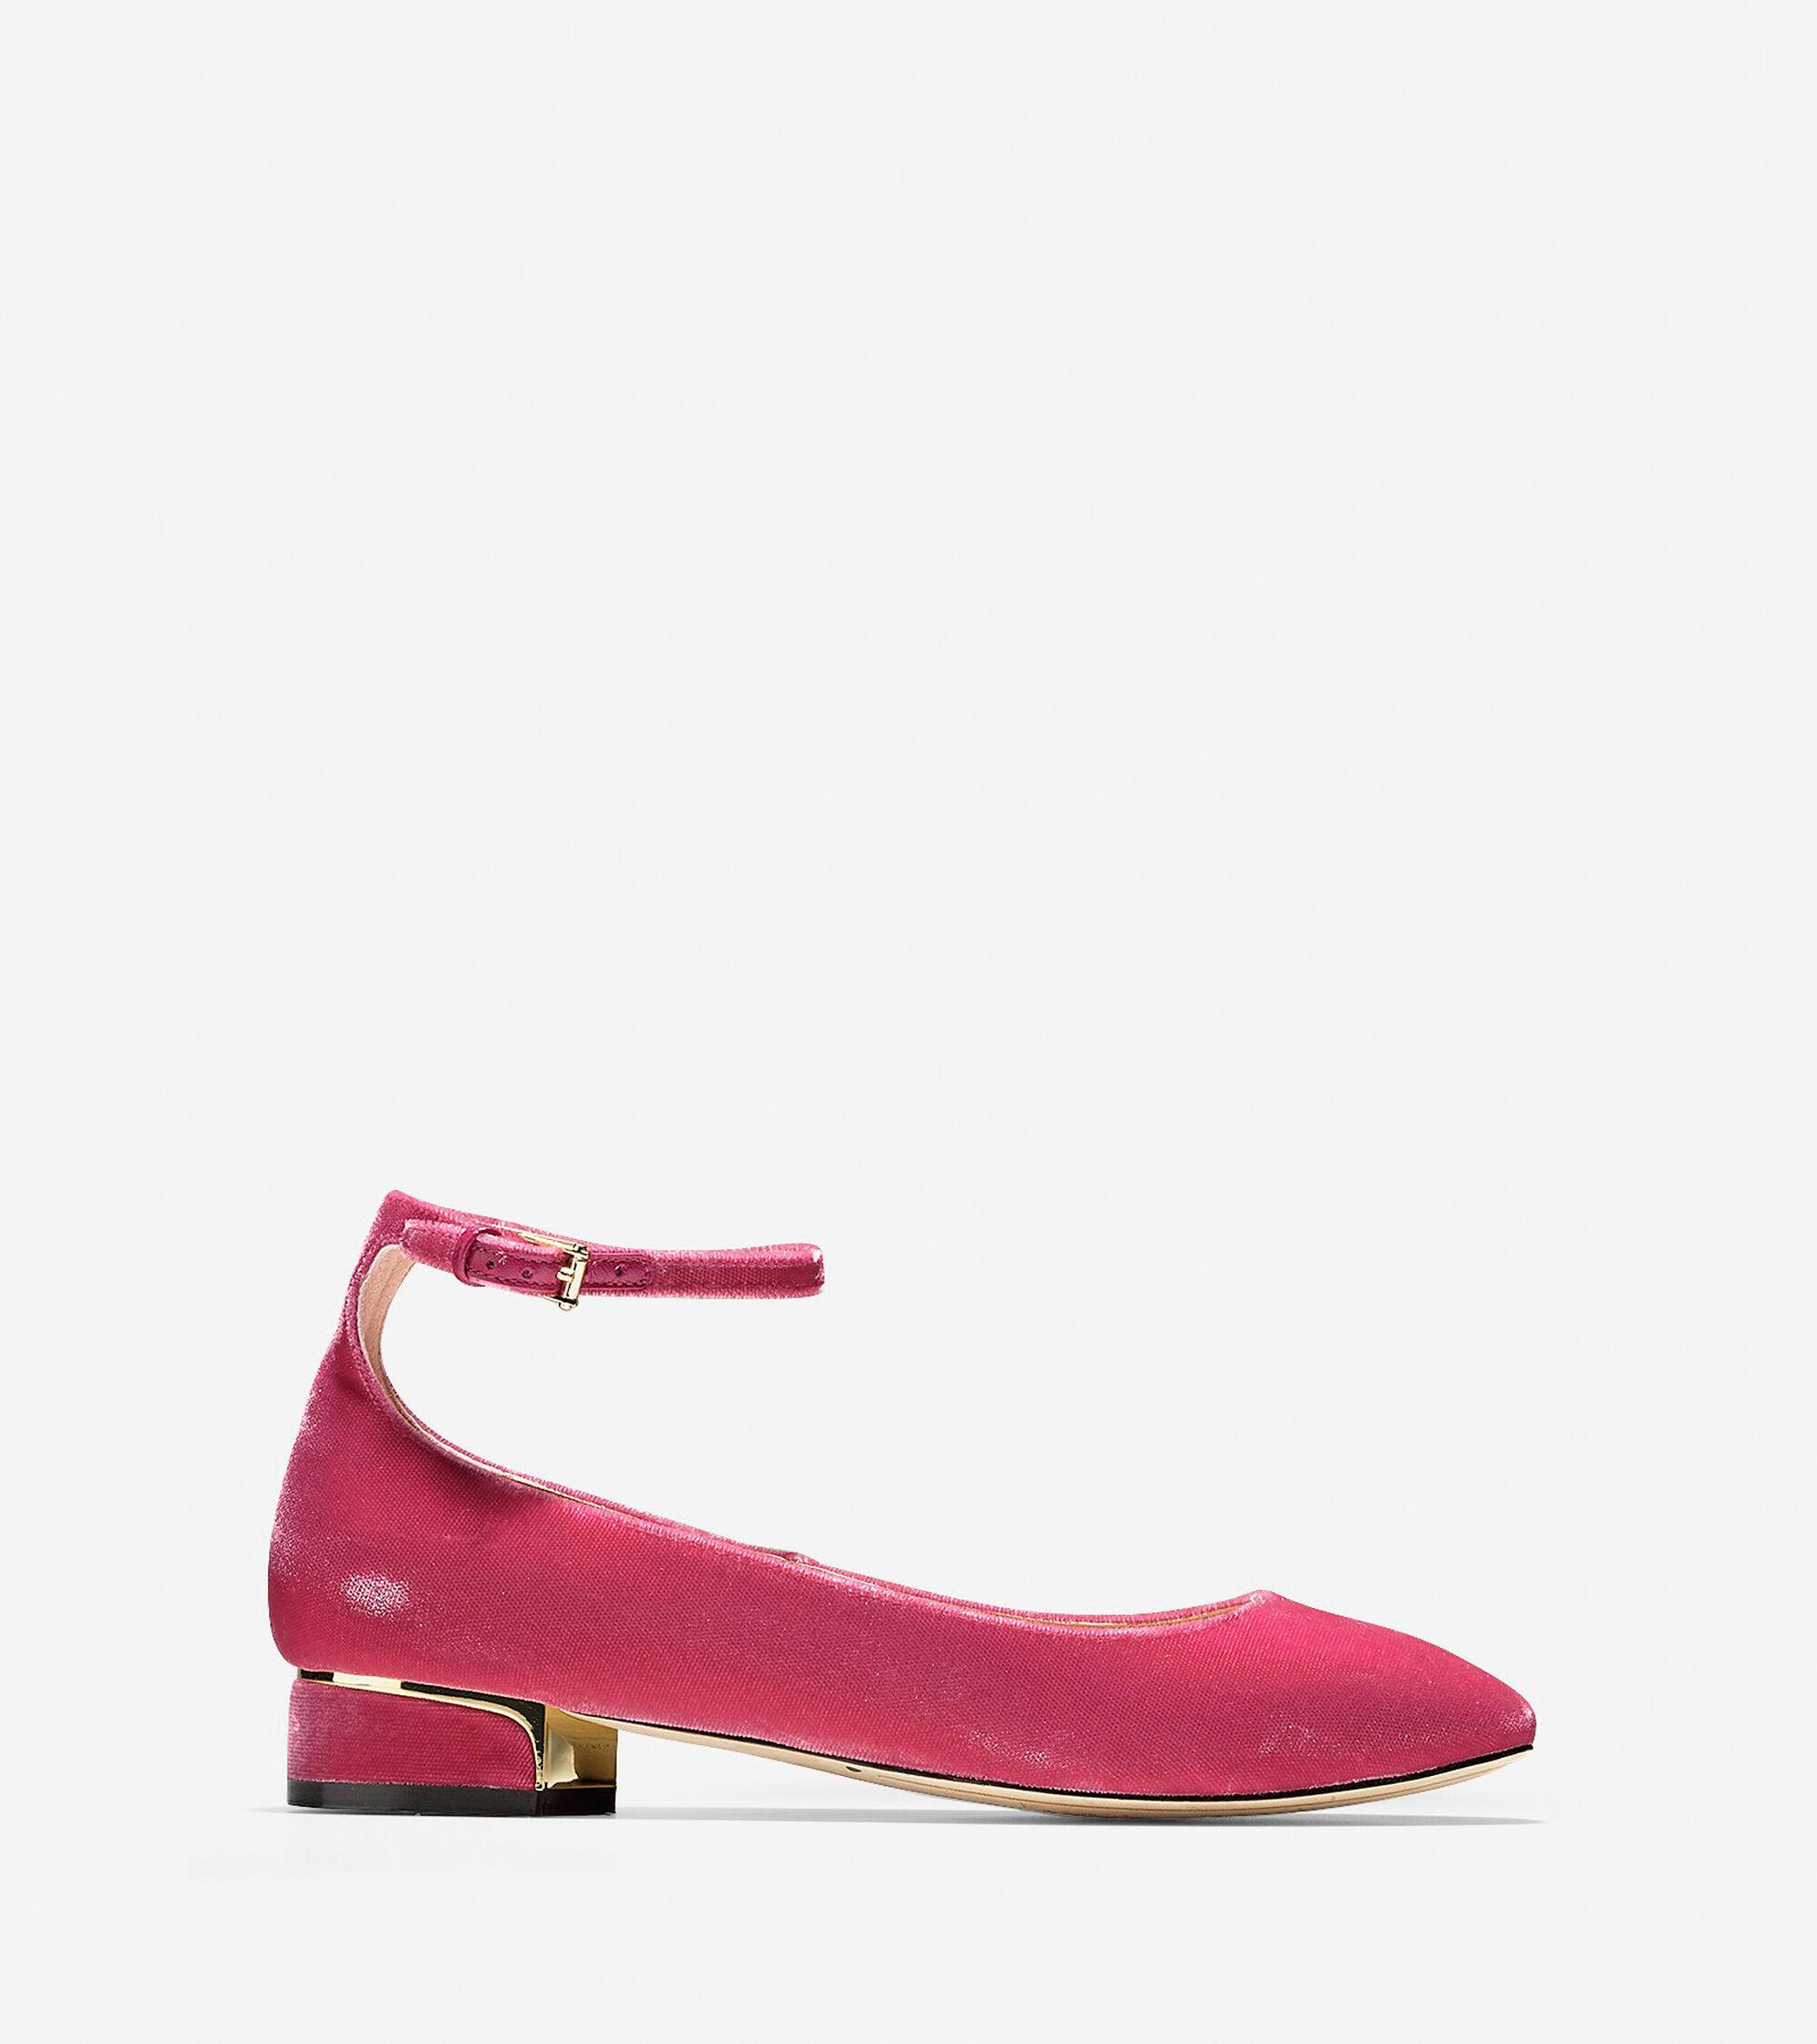 Velvet Strap Shoes Ballet Flats